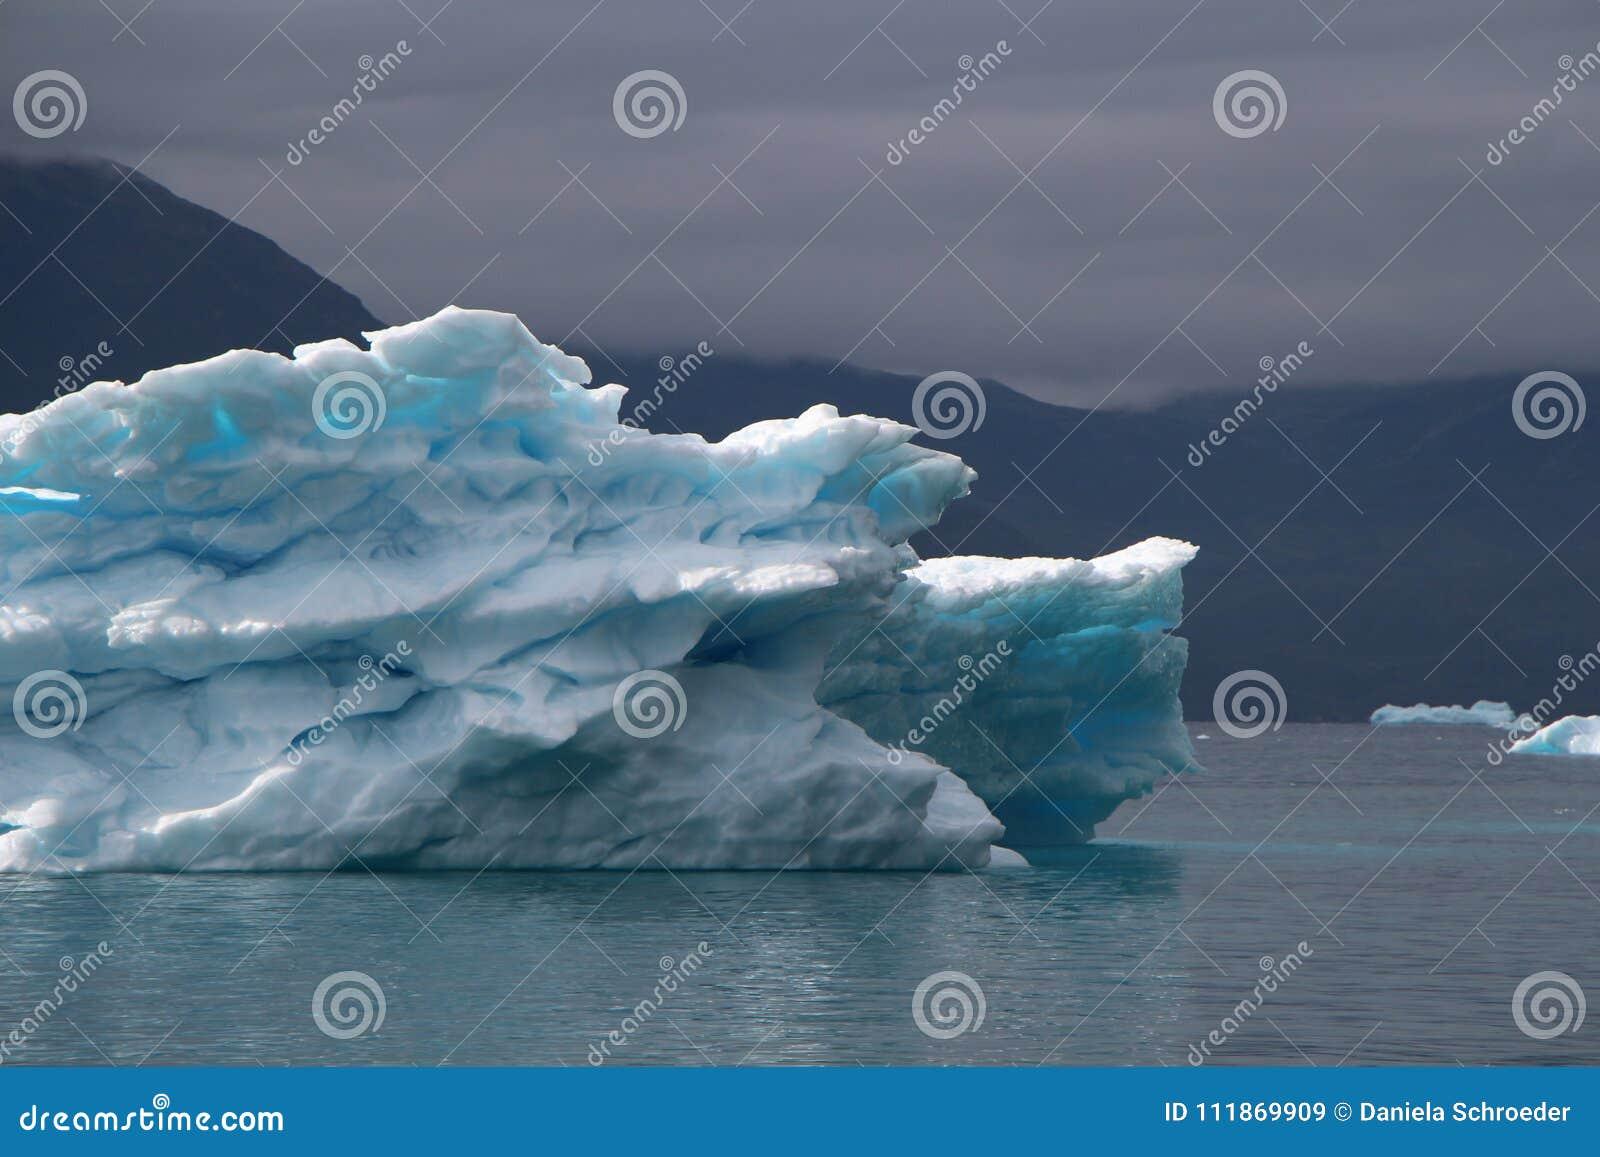 Groenland, blauwe ijsberg met lichtblauwe vlekken binnen van het andwith dramatische stemming van de hemel in de Atlantische Ocea